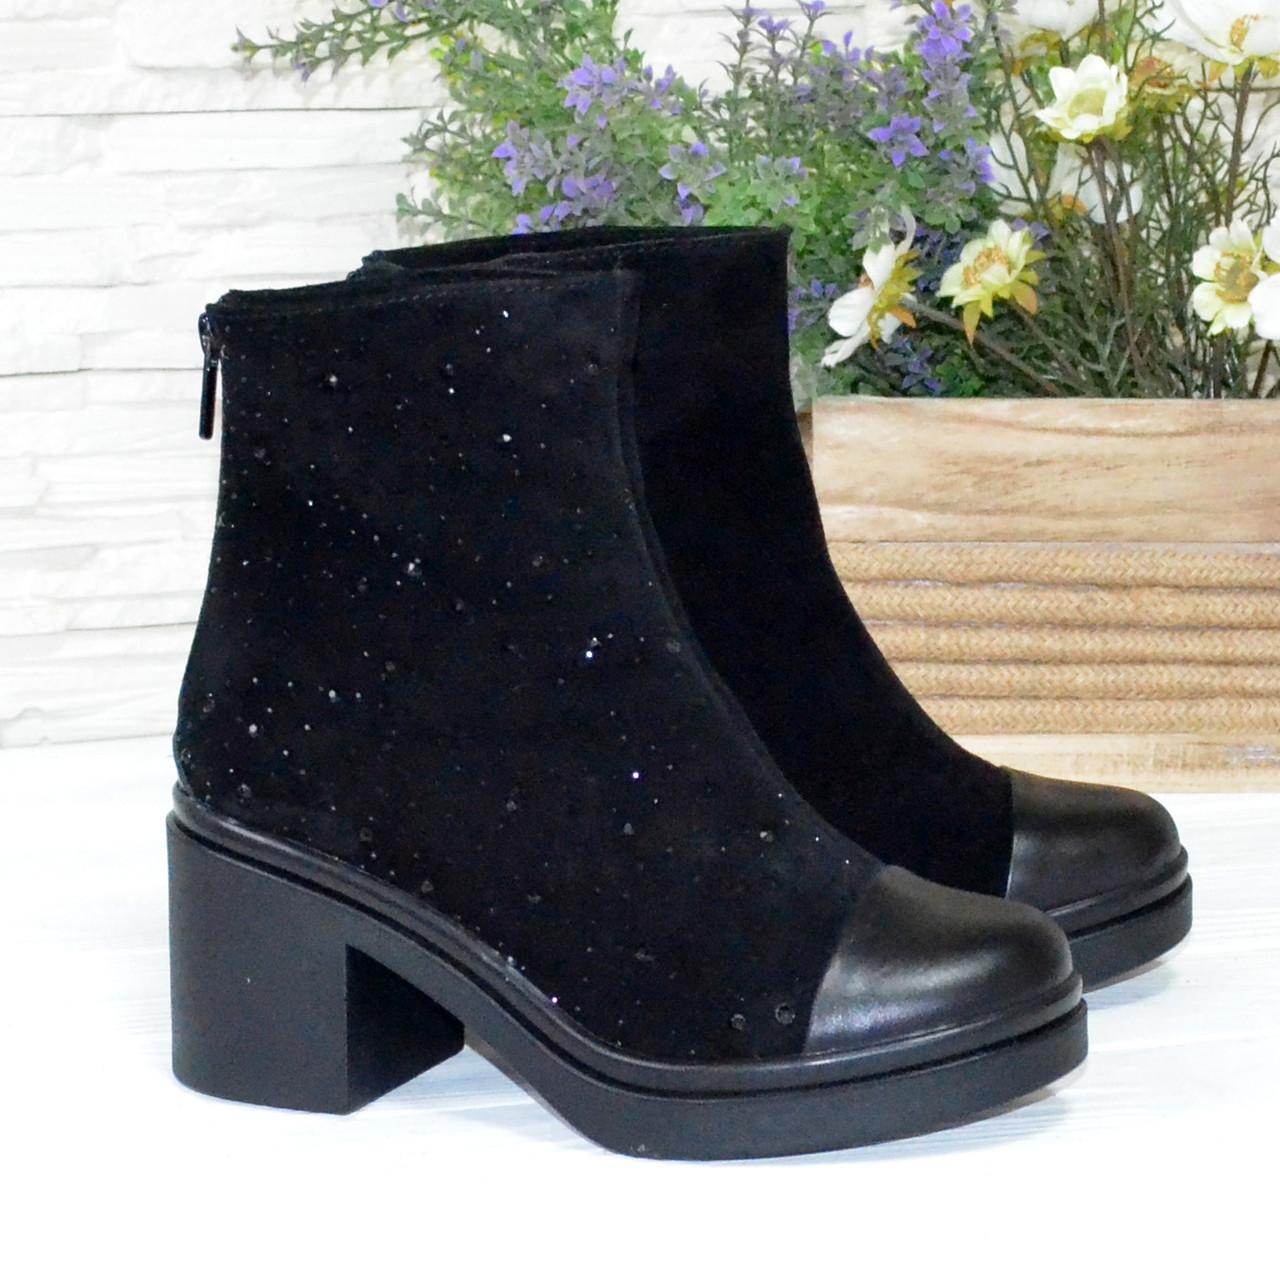 Ботинки женские на устойчивом каблуке, натуральная замша и кожа.